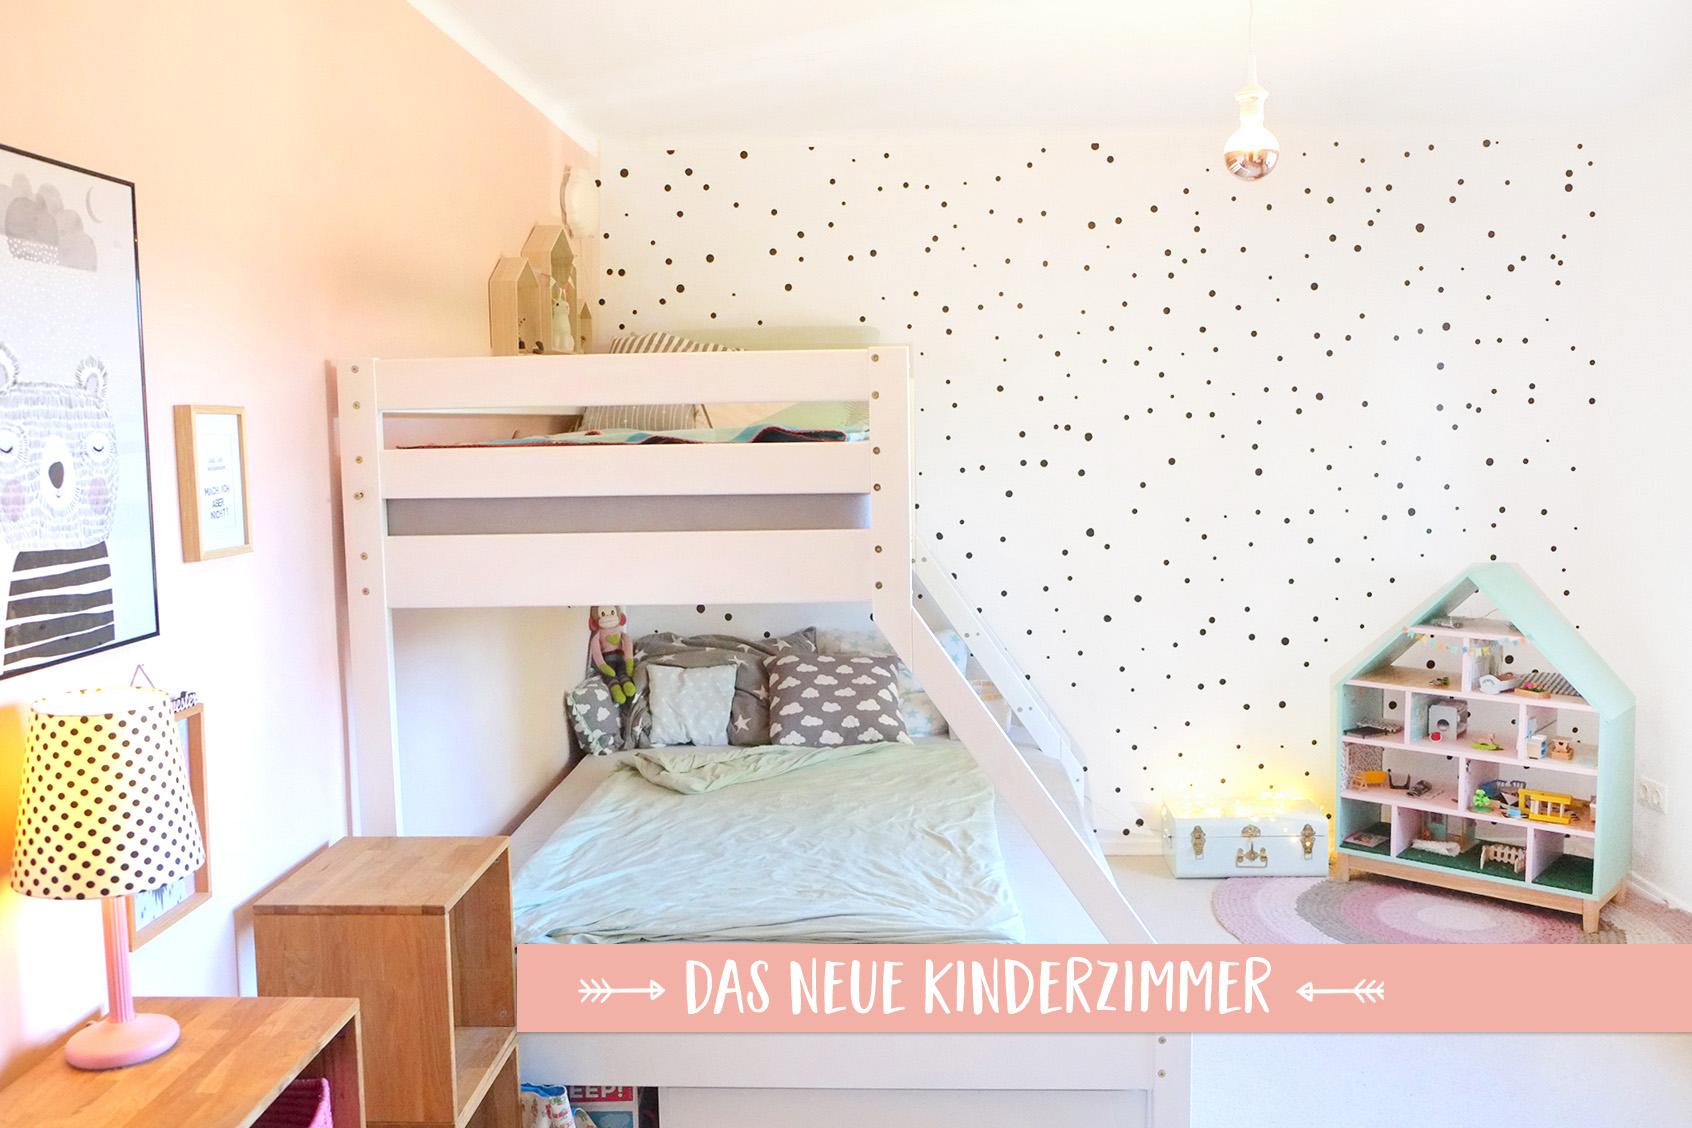 Unser Haus: das neue Kinderzimmer